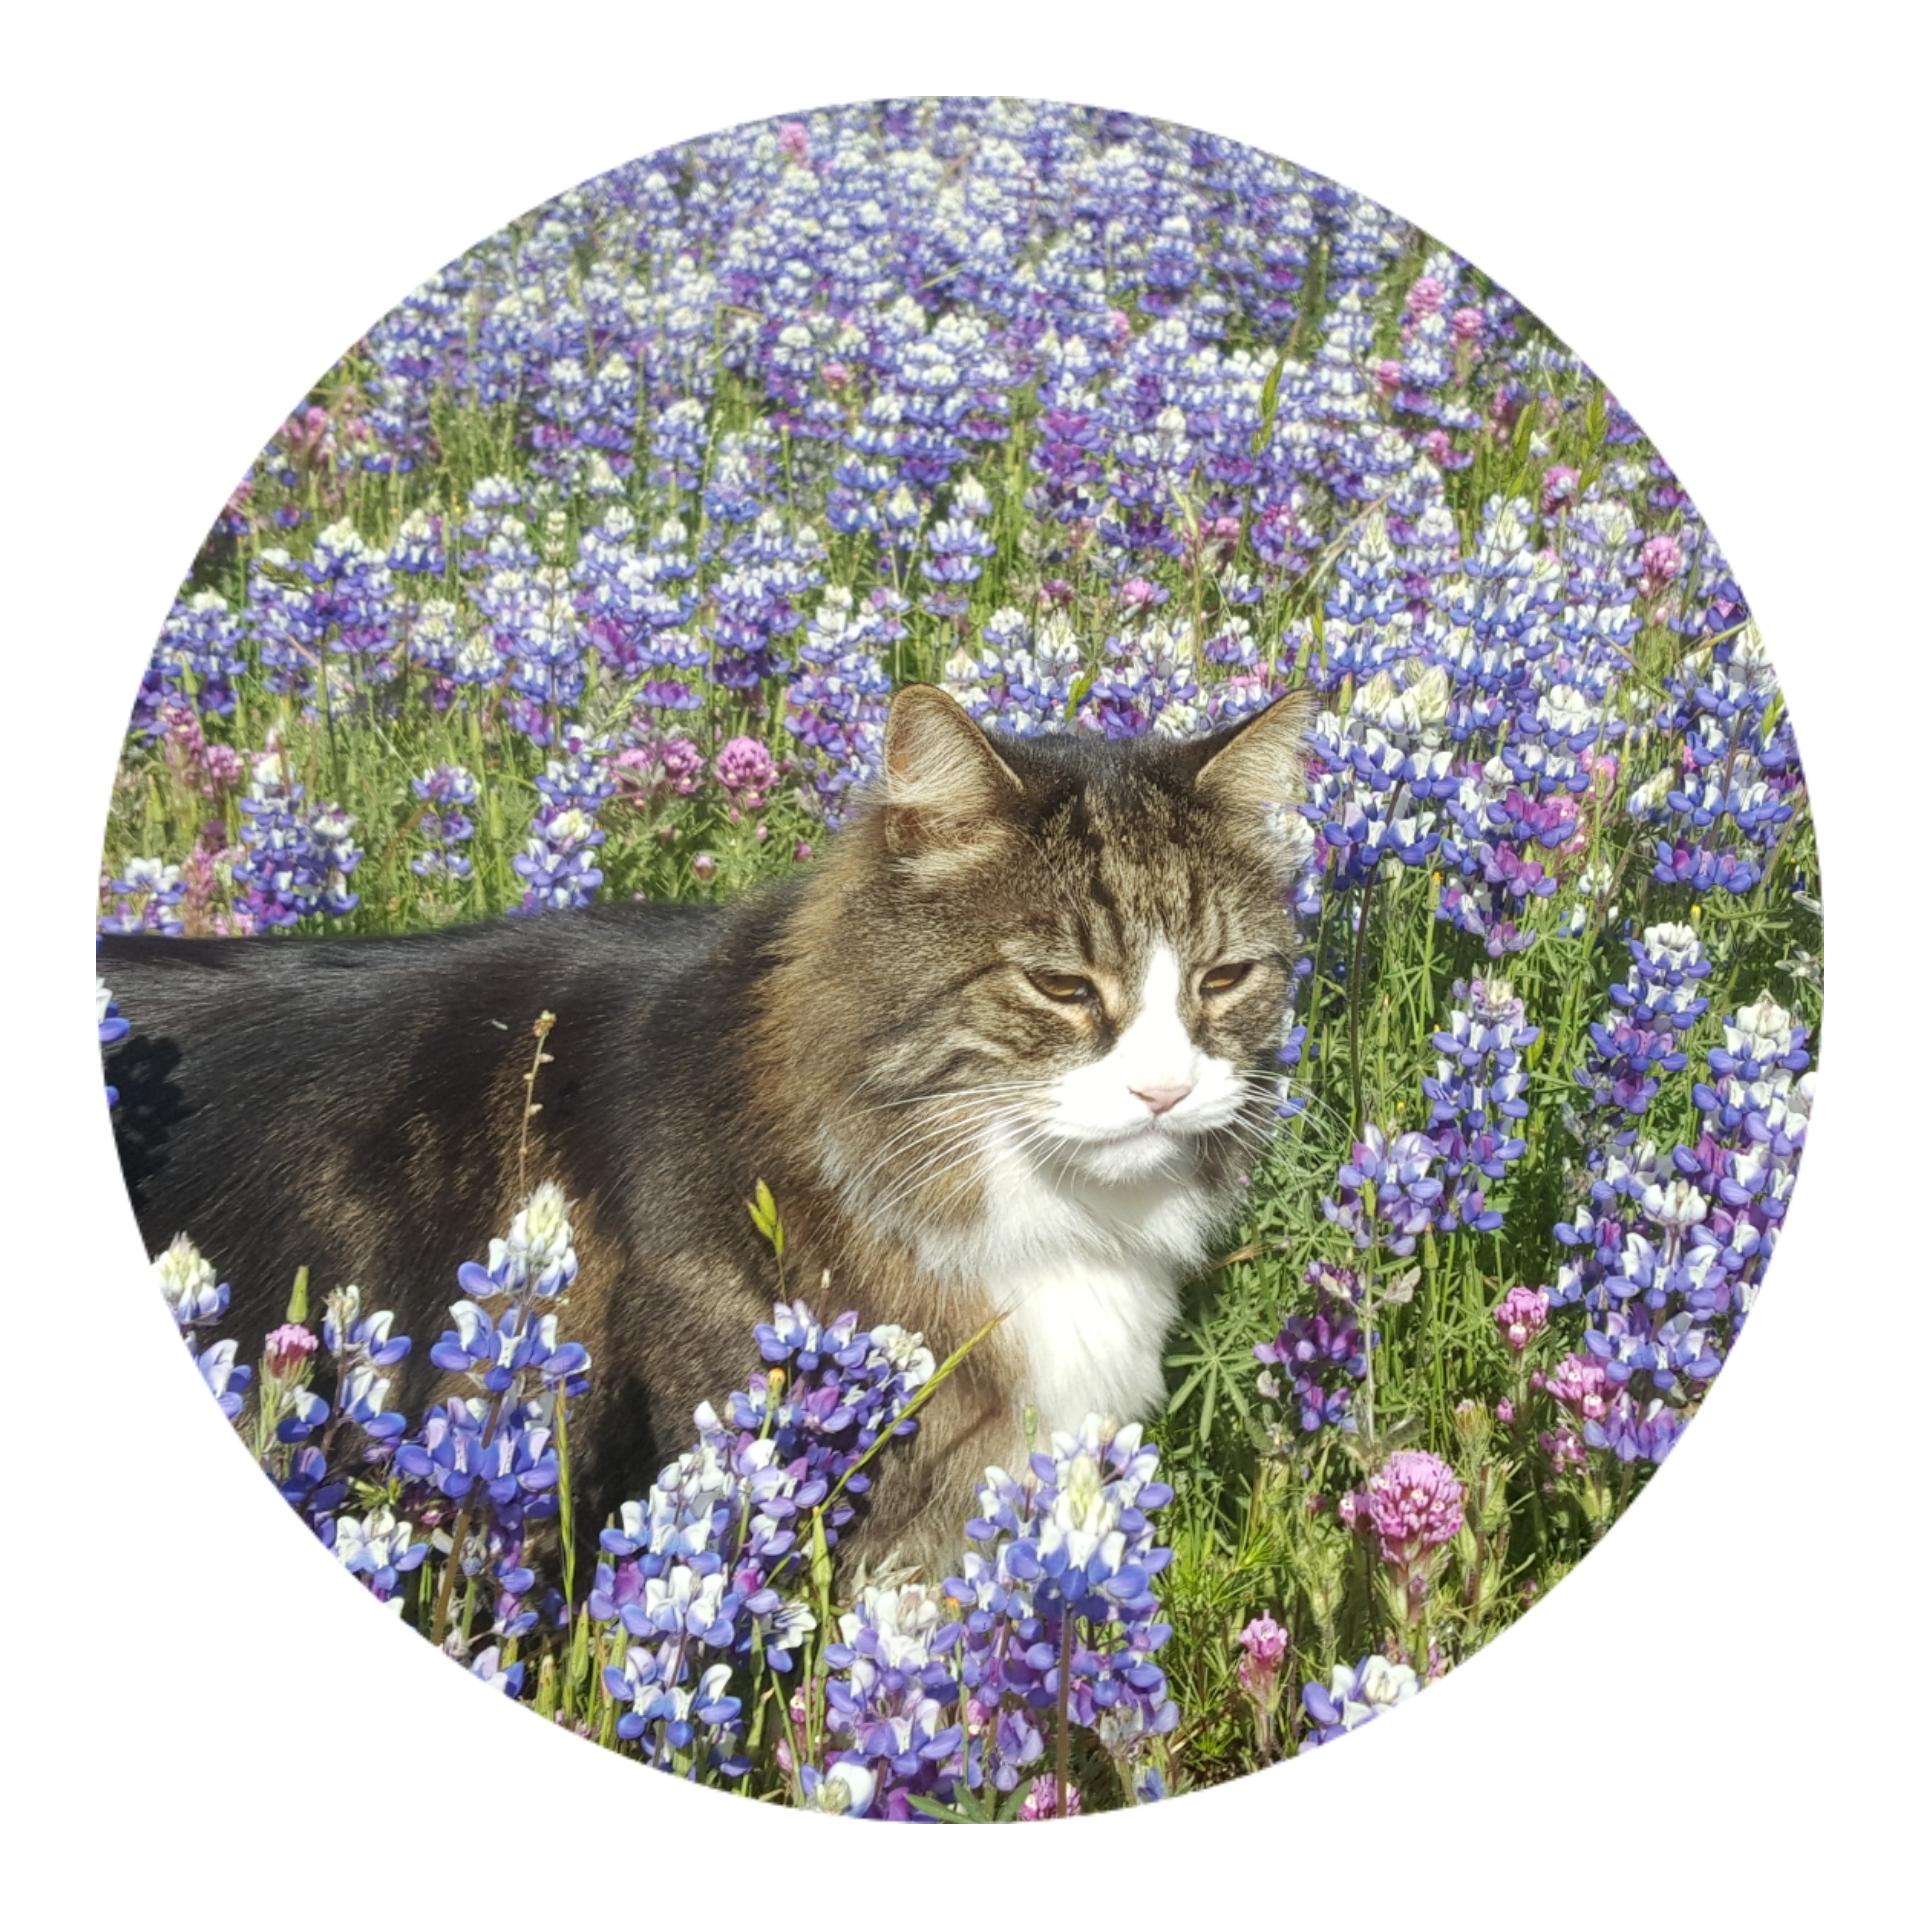 Briar Kitty